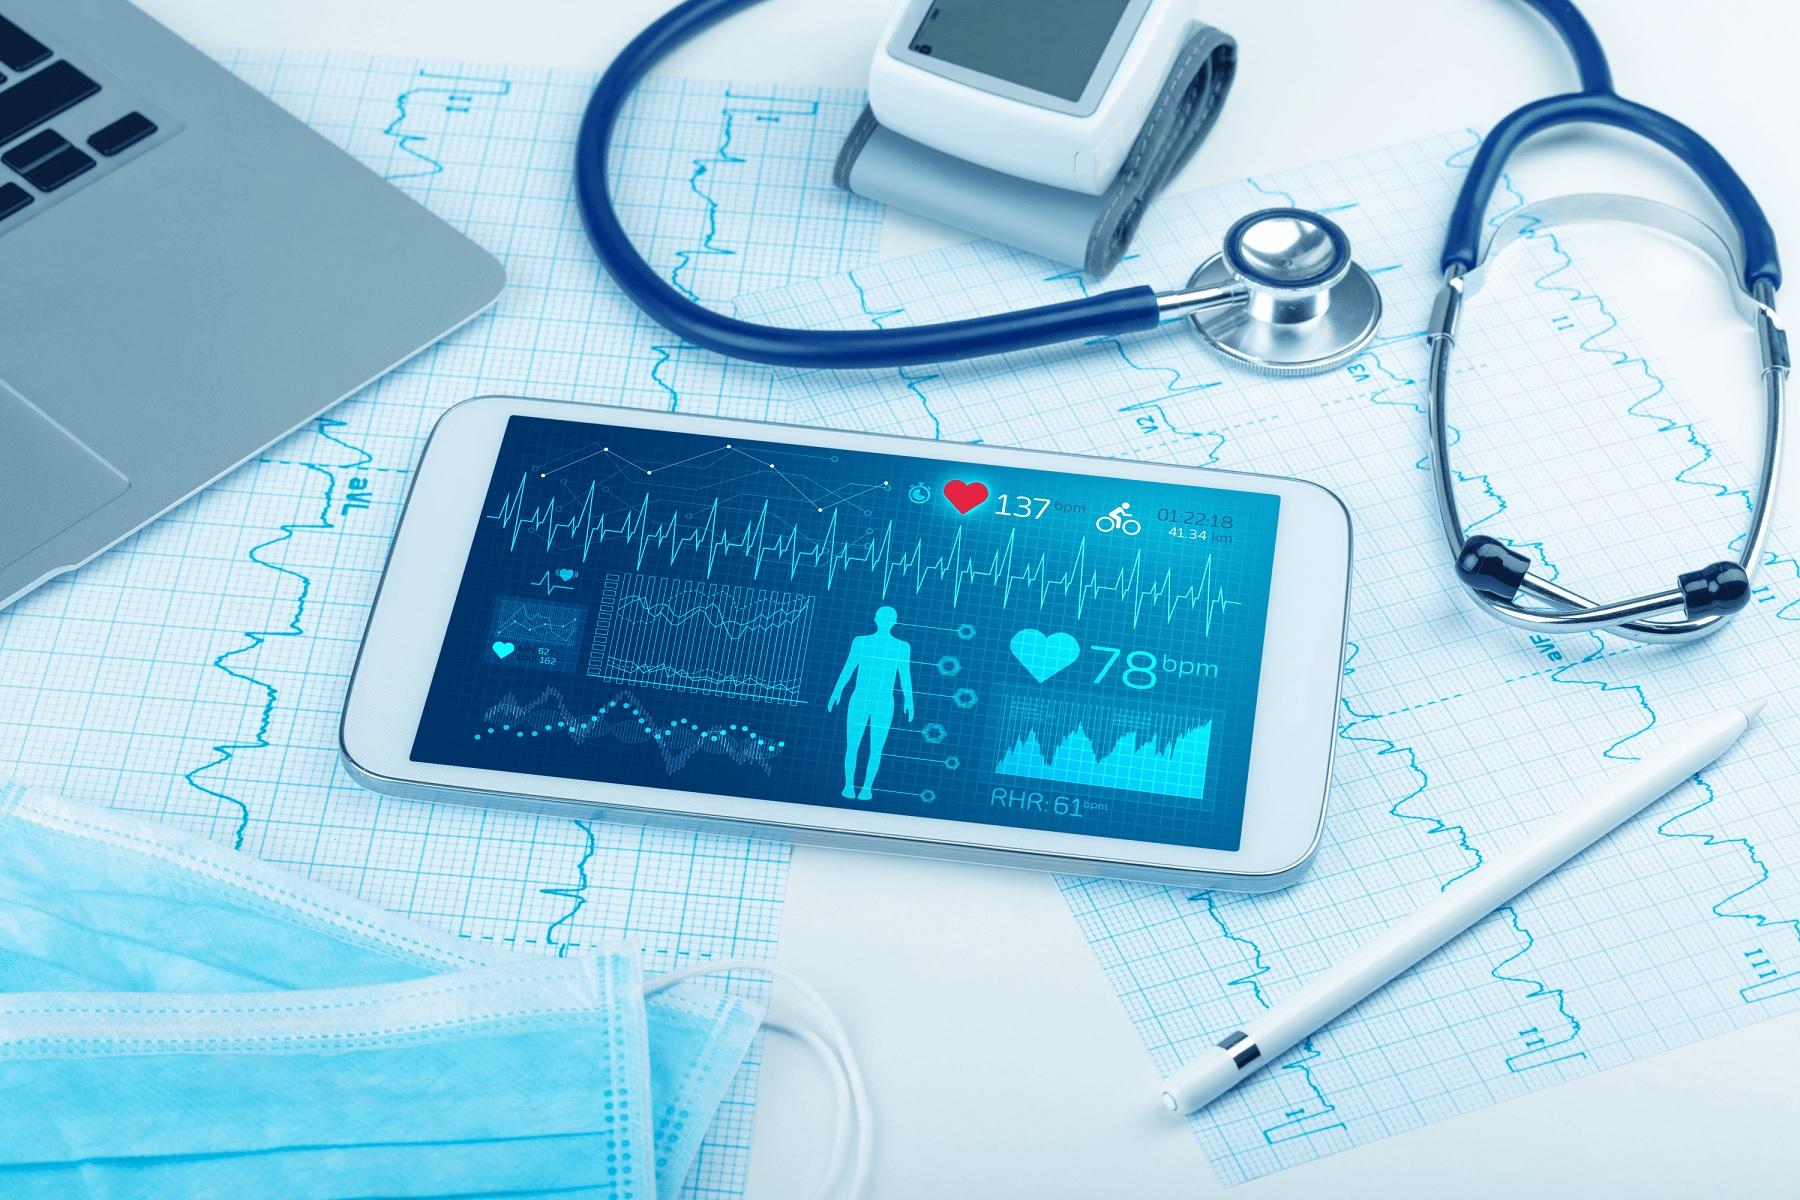 Τεχνολογική καινοτομία: Πως αναβαθμίζει την υγειονομική περίθαλψη